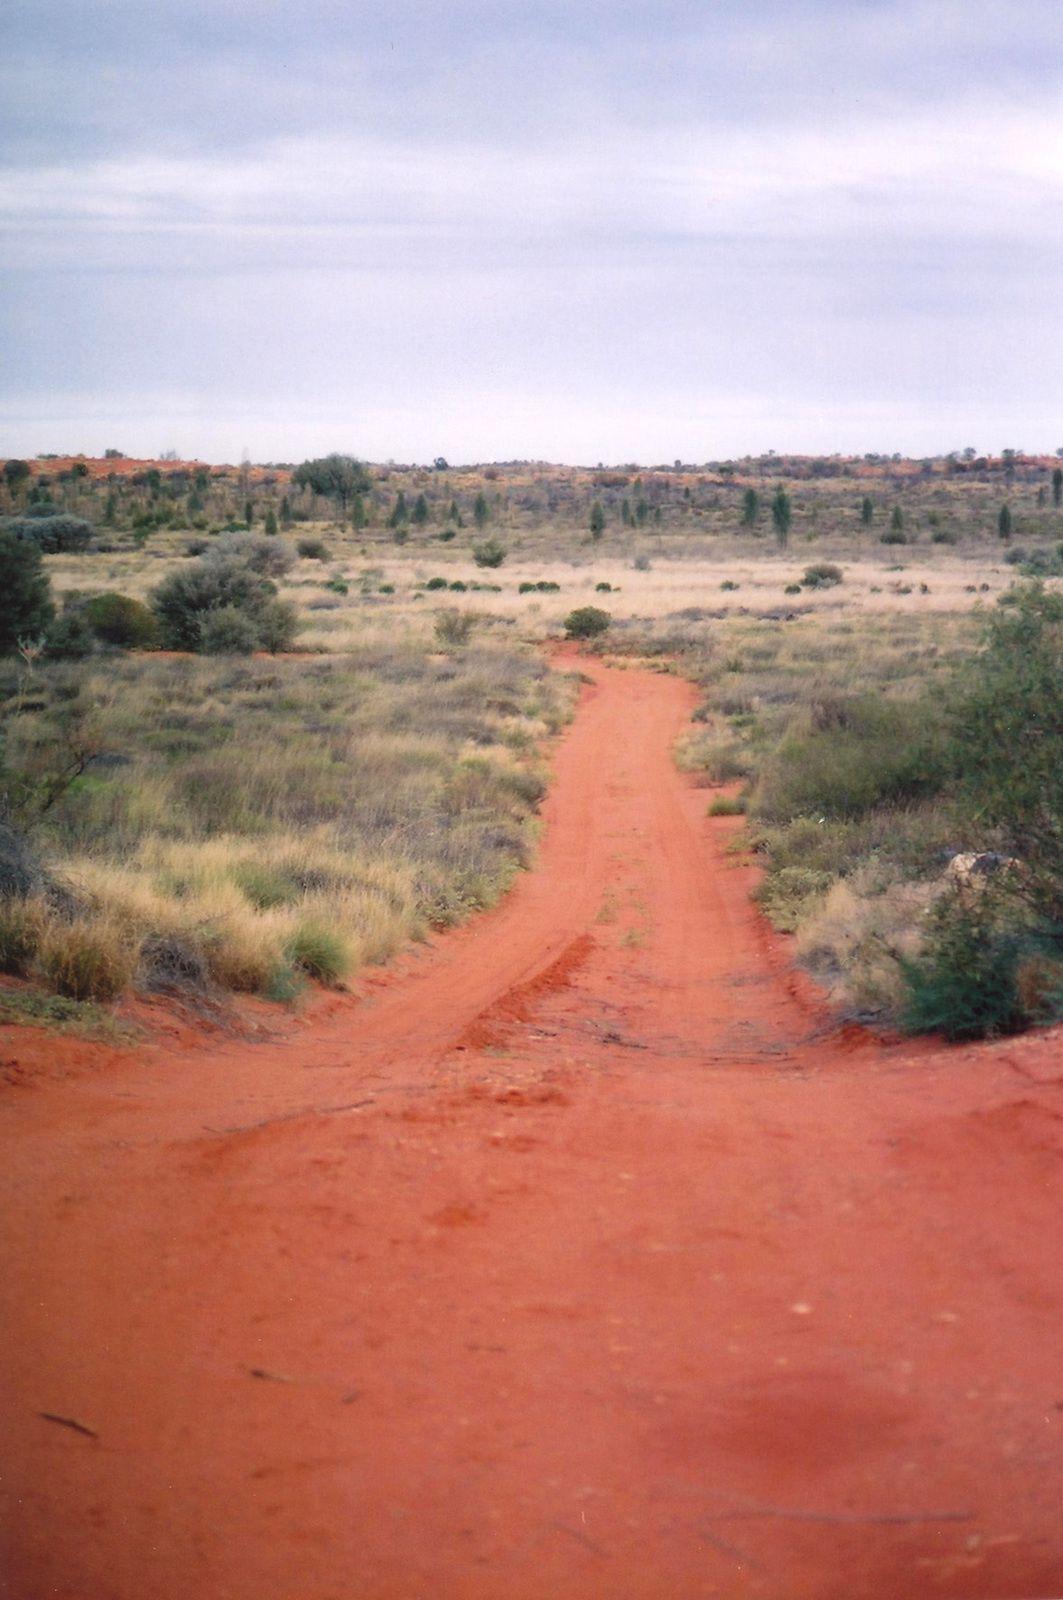 Pistes dans l'Outback australie par charlotte laforgue